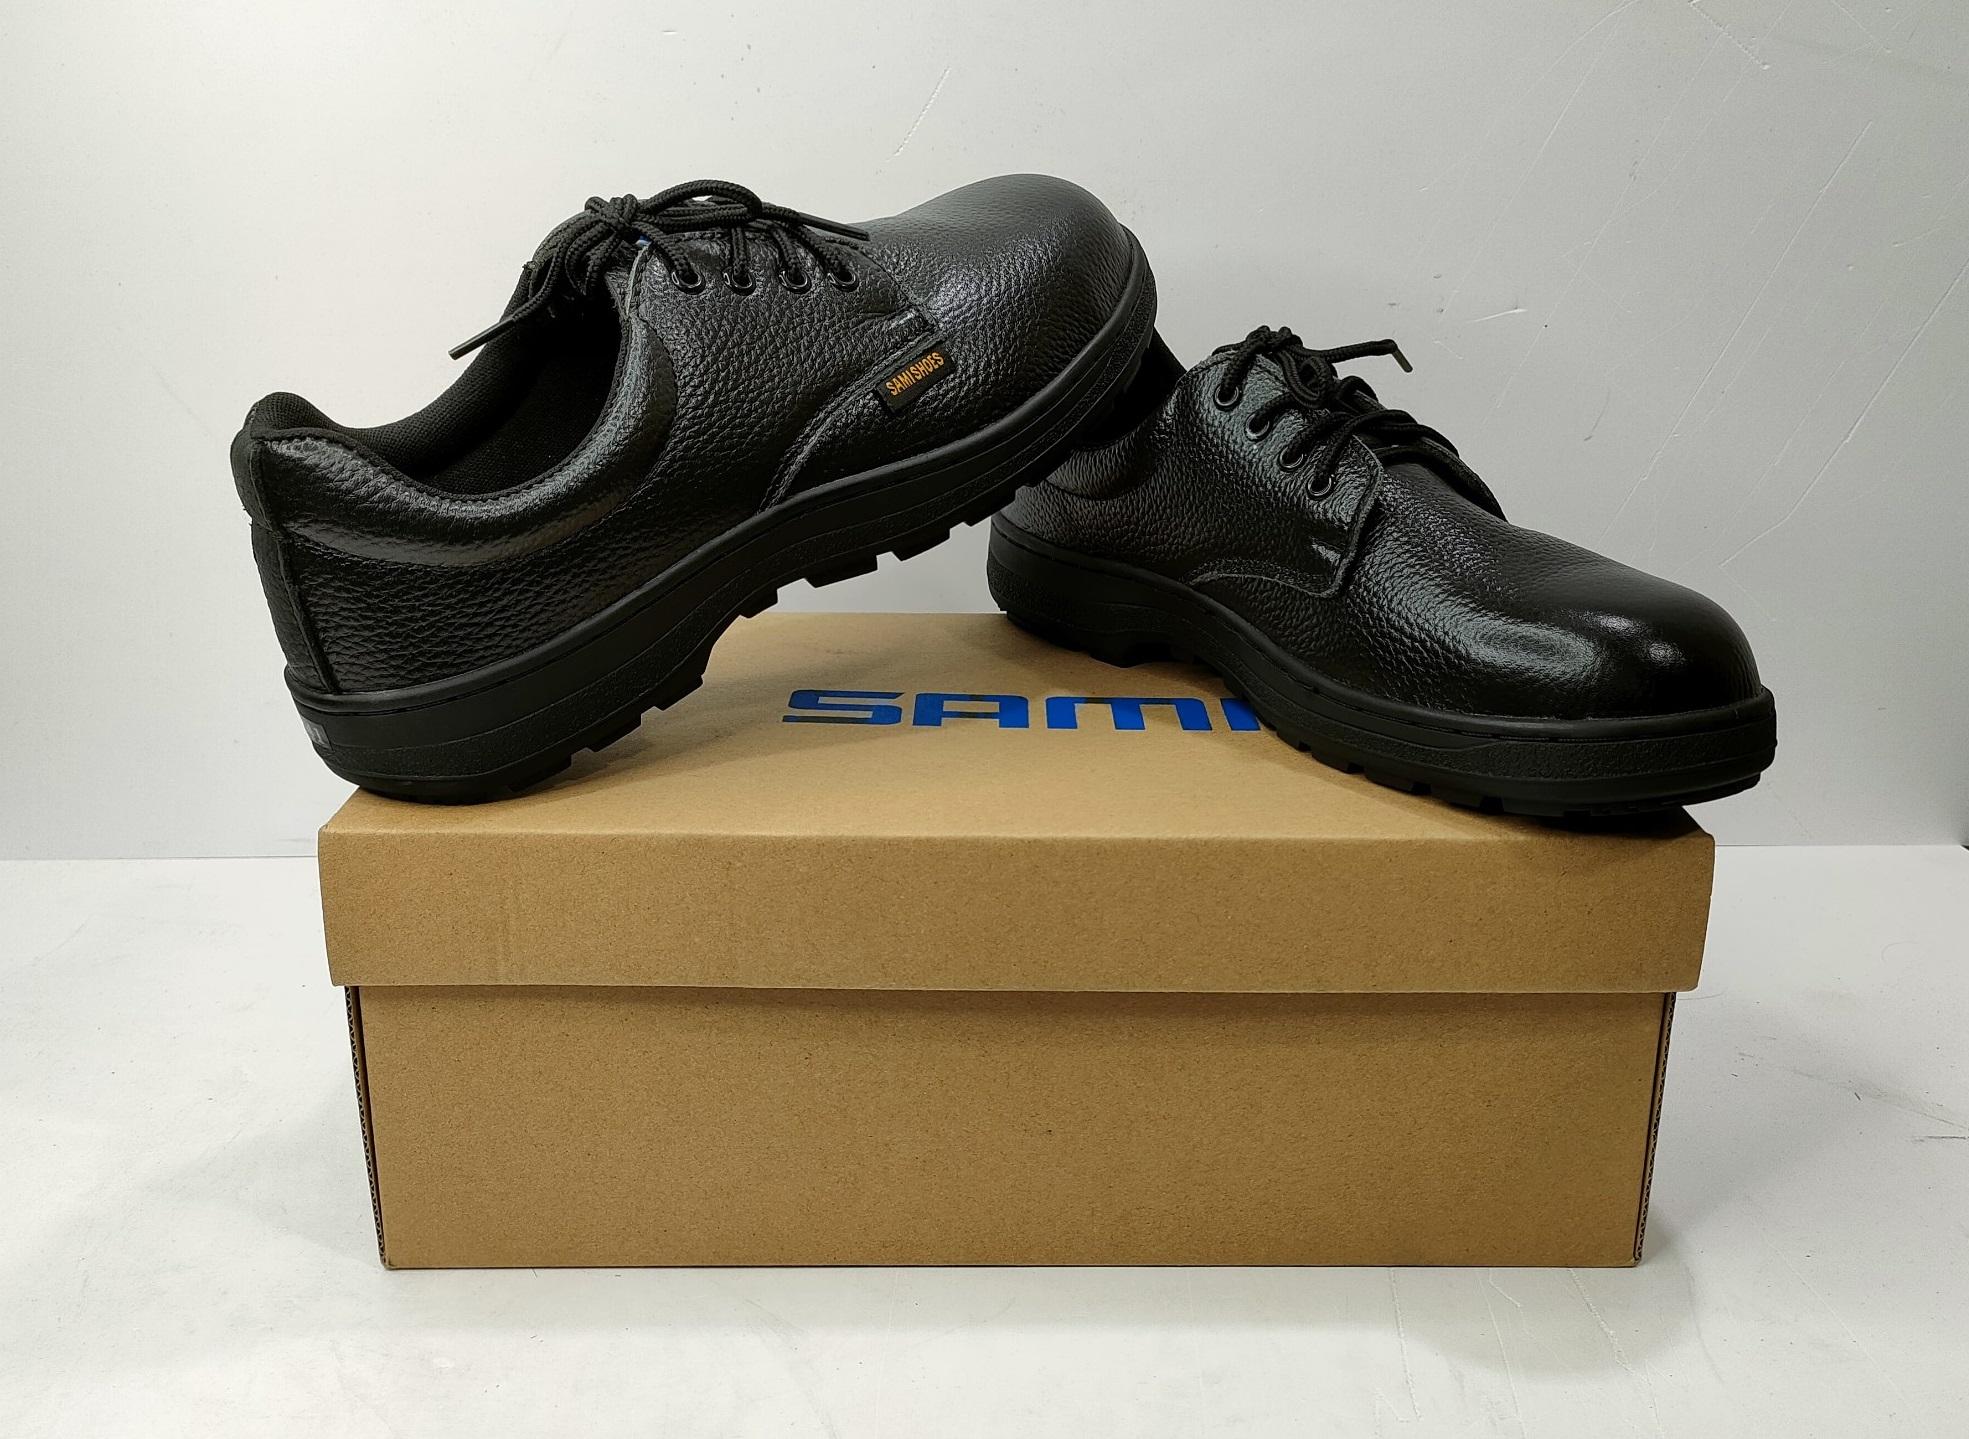 giày bảo hộ sami sk202